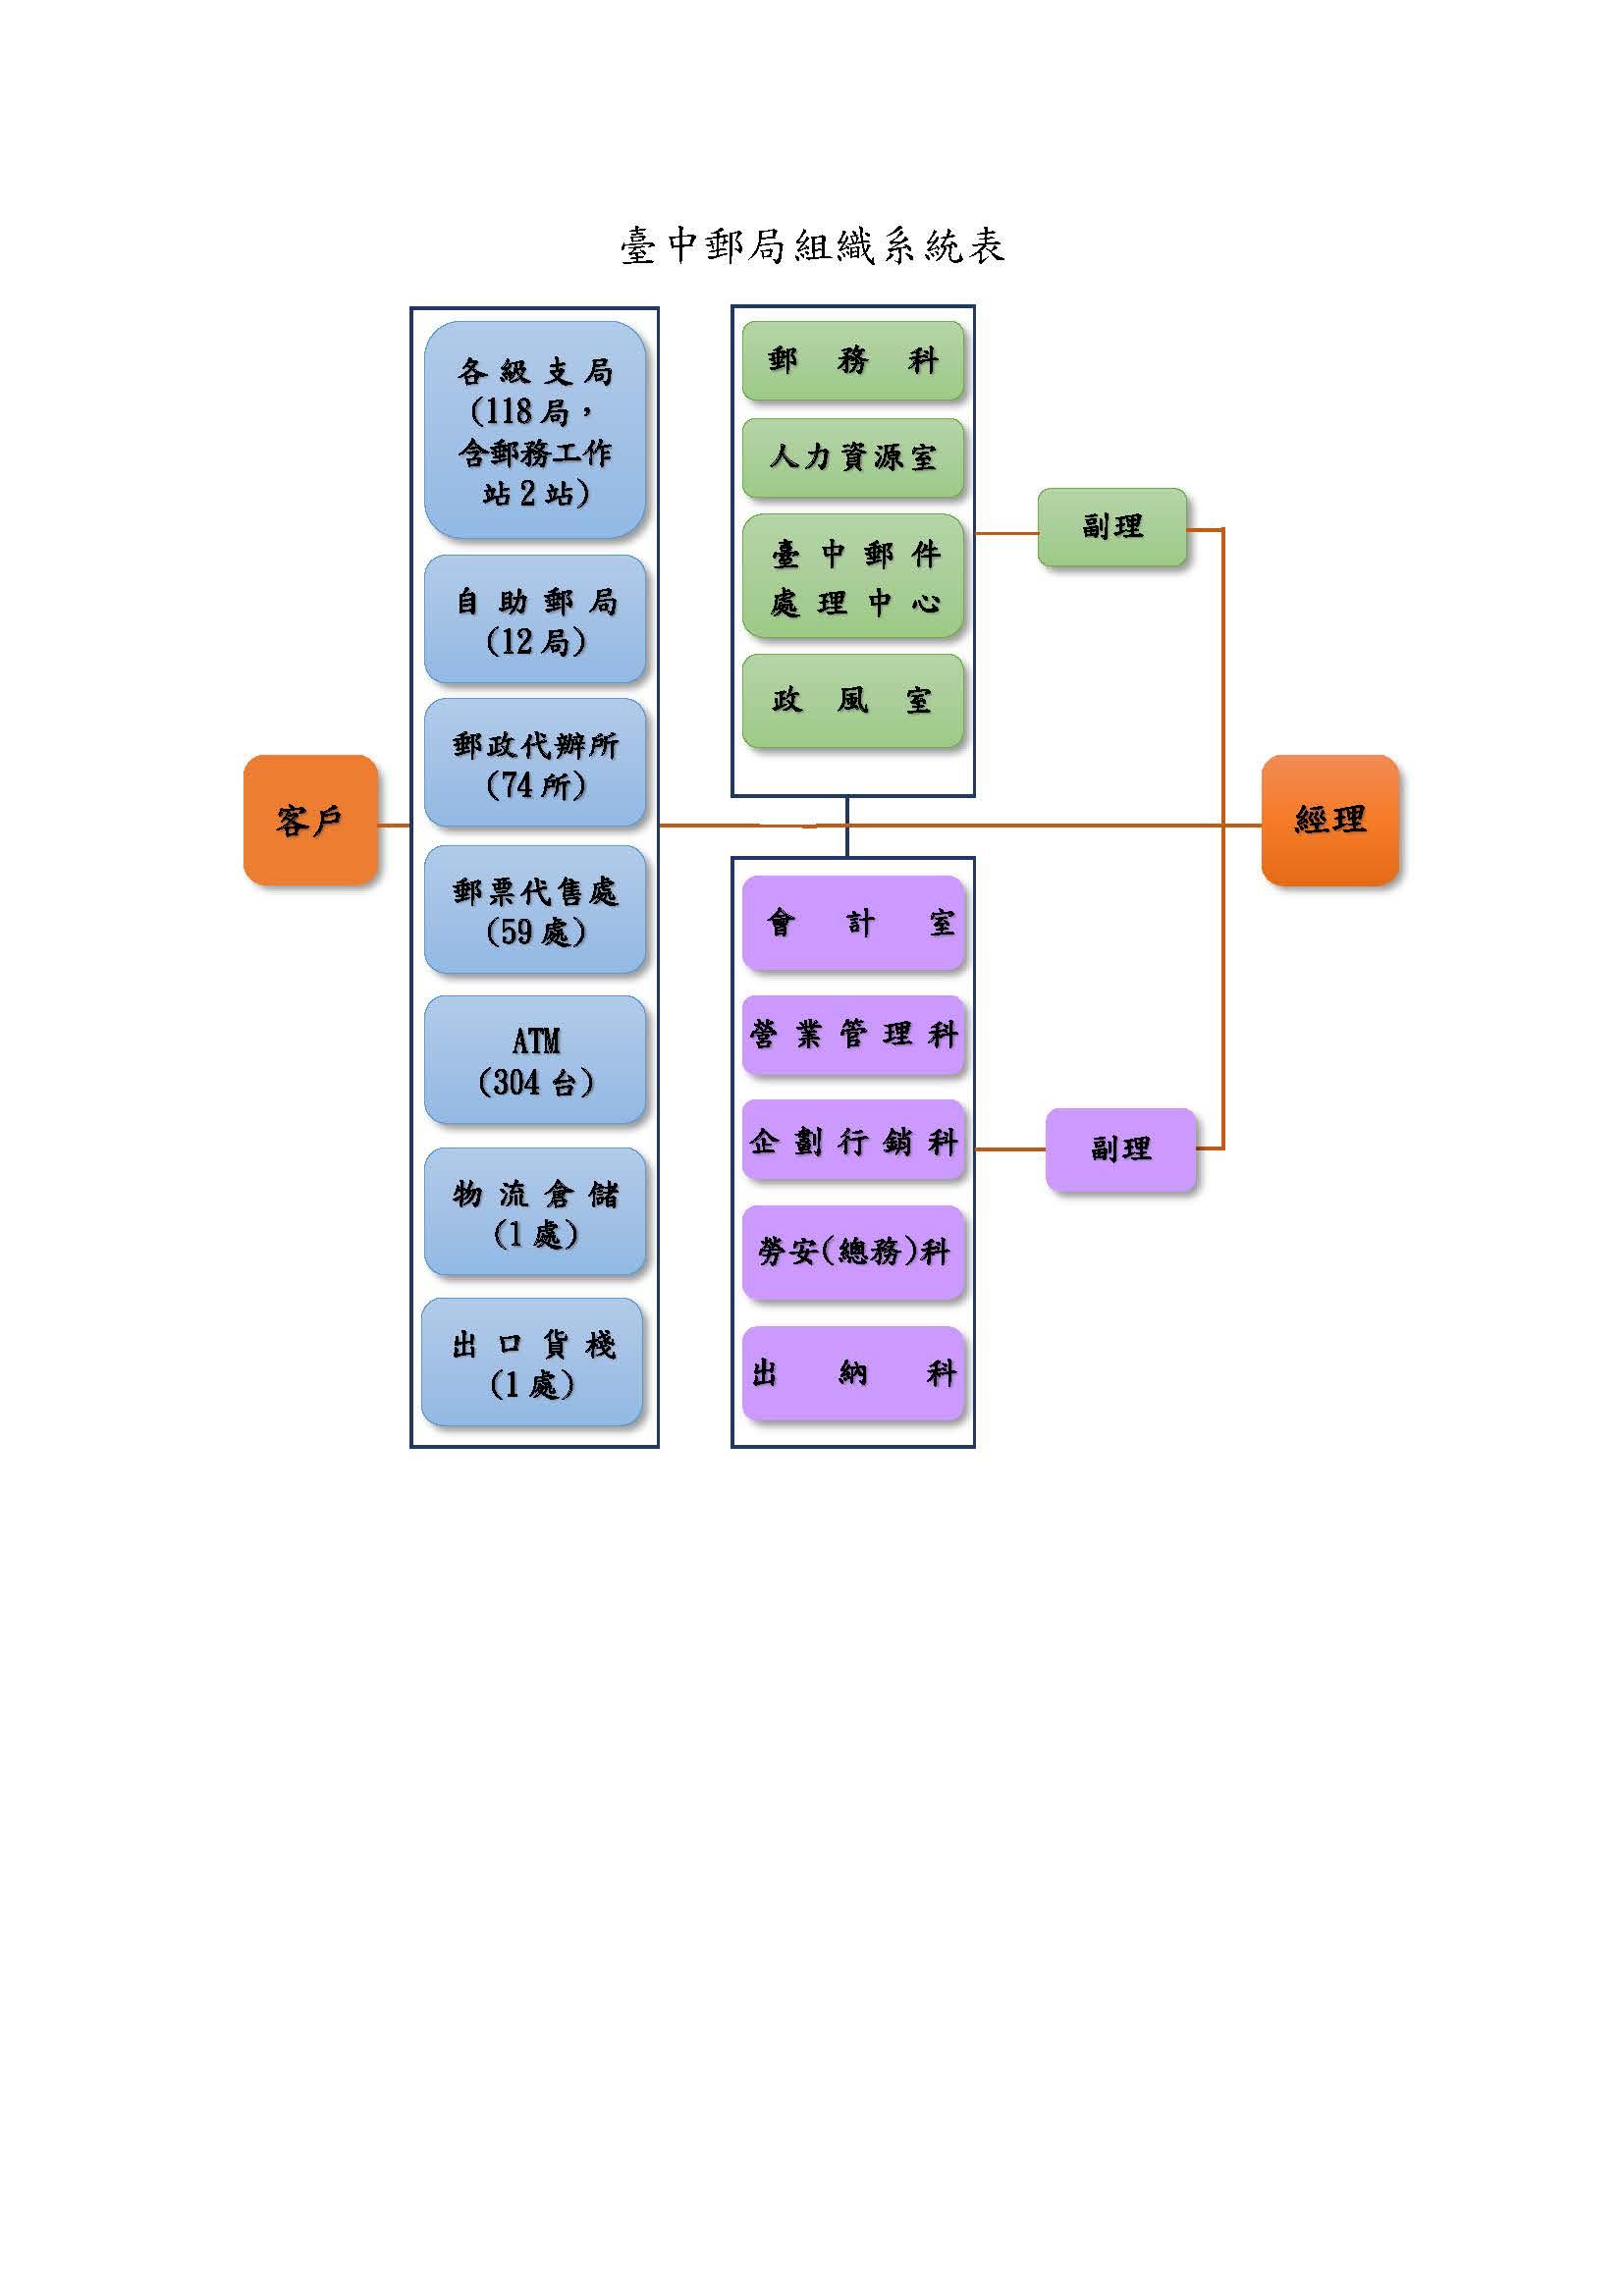 臺中郵局組織圖